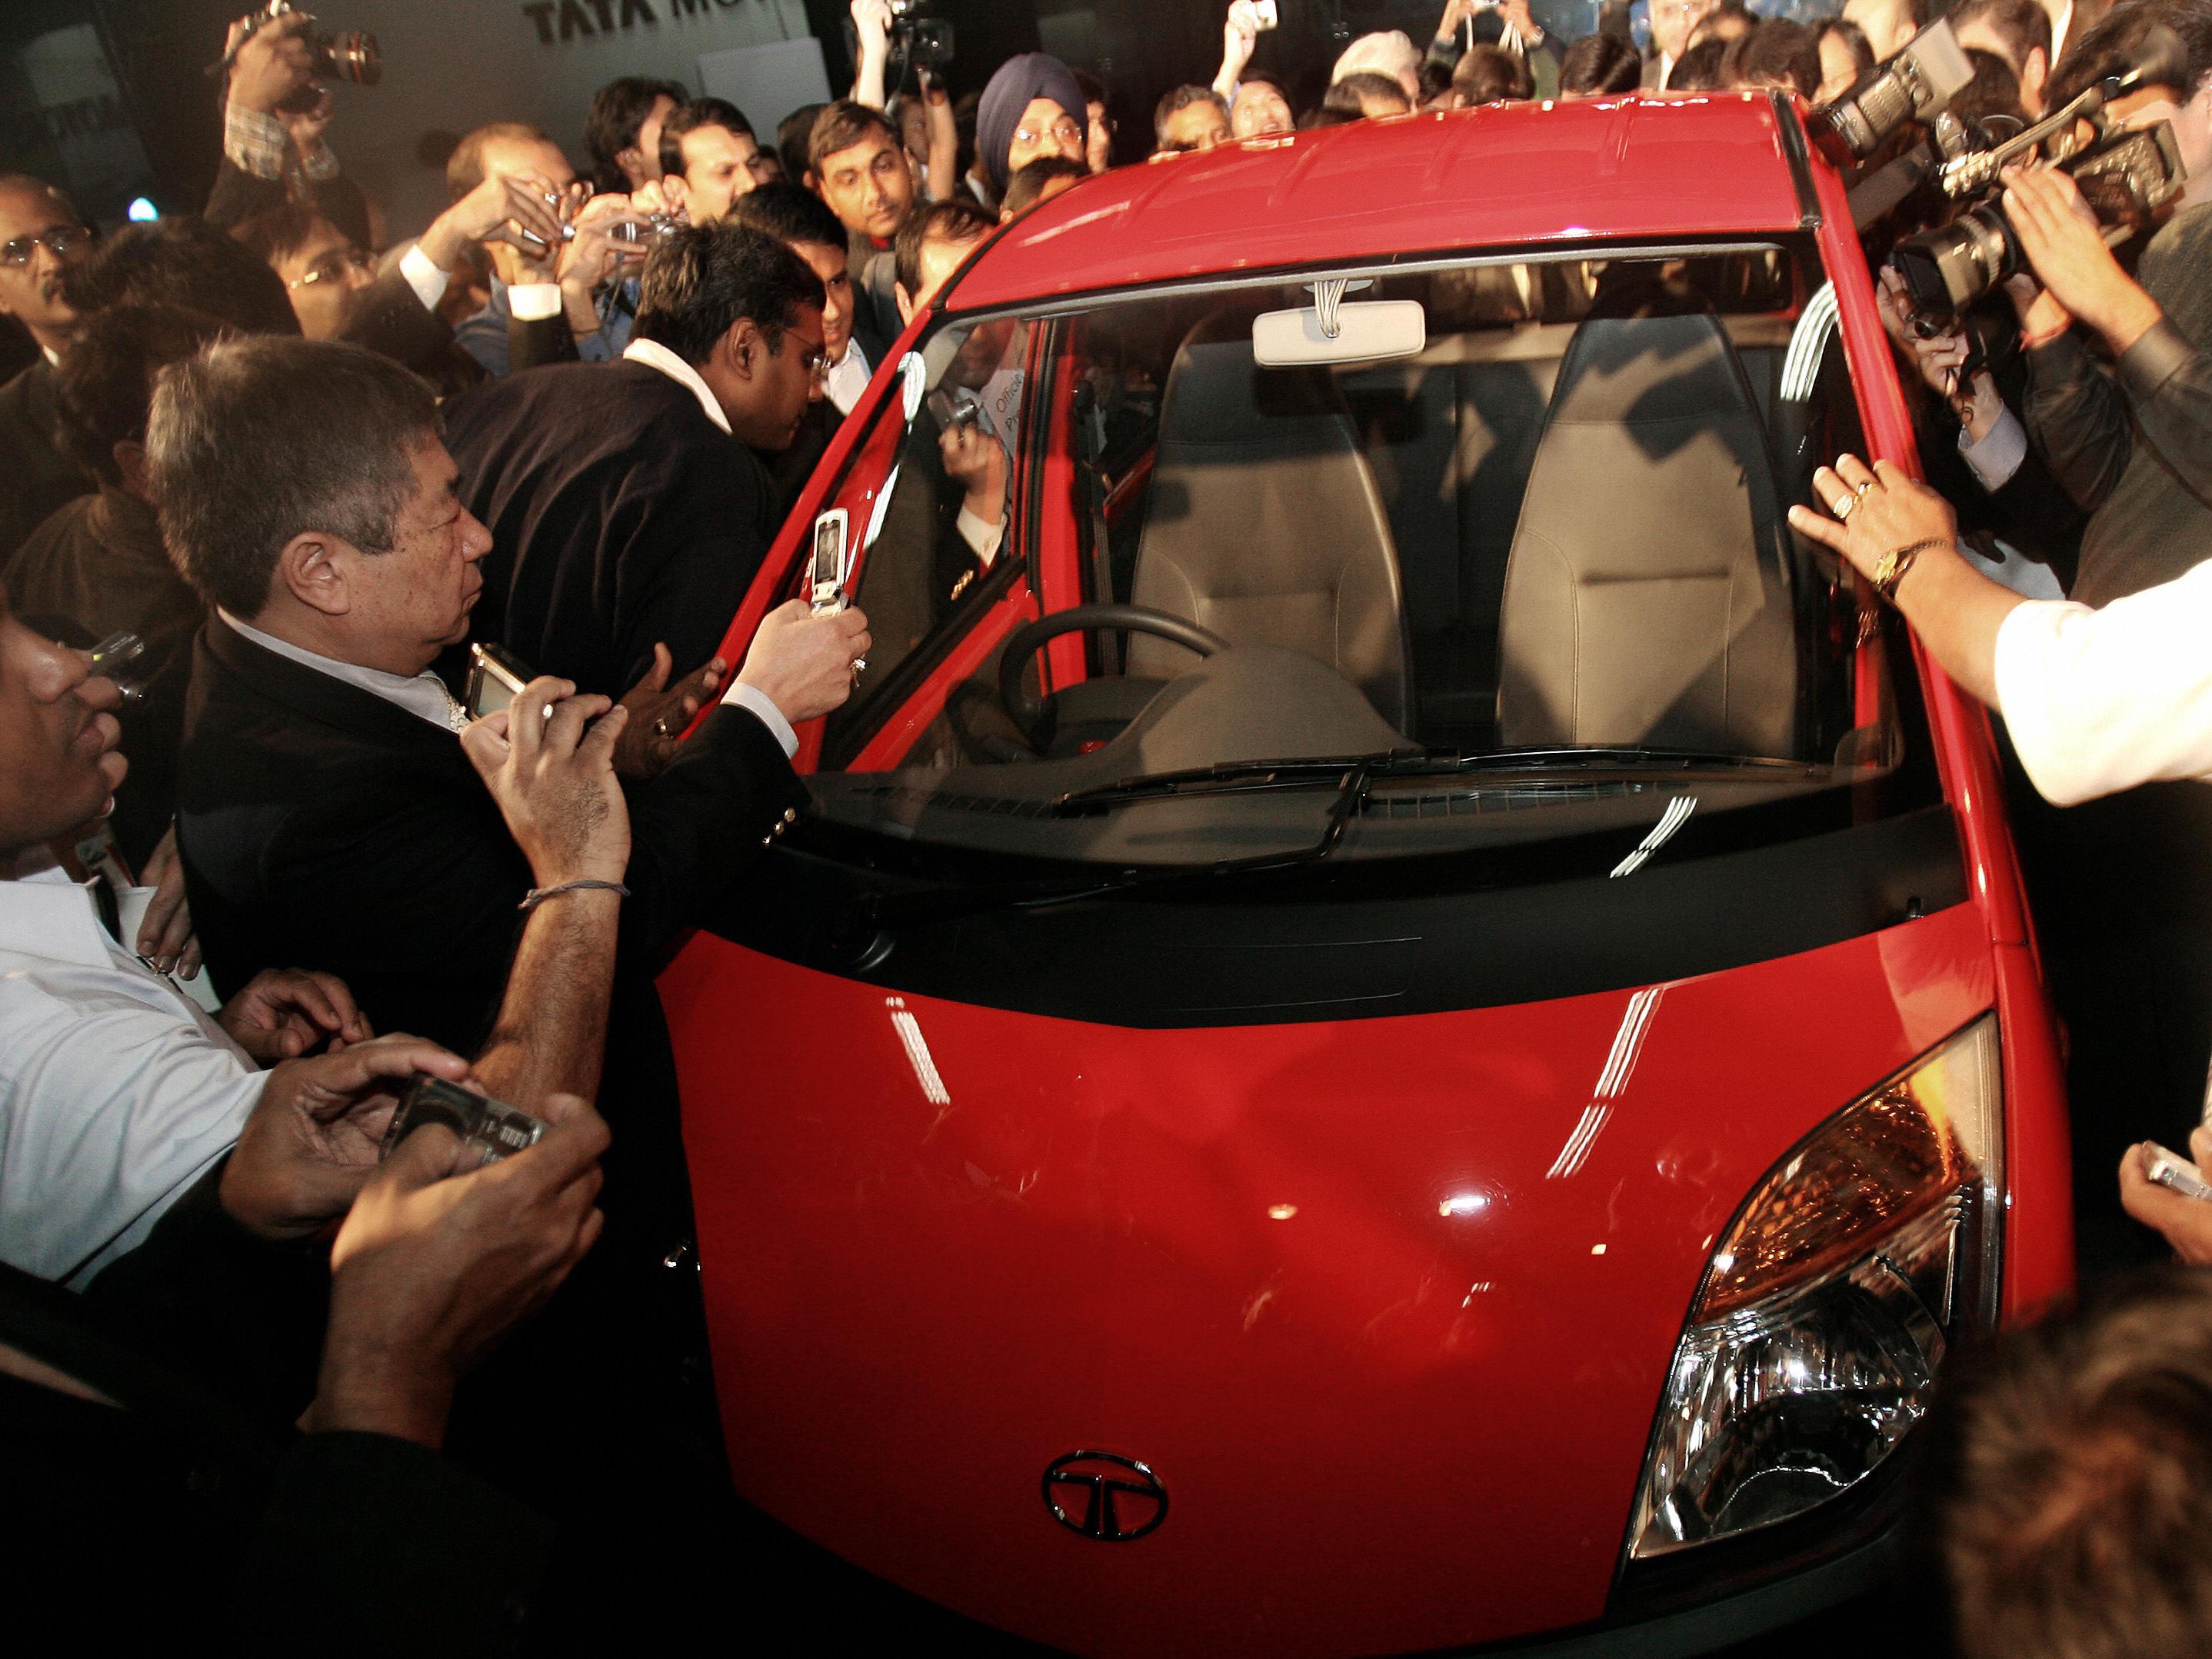 """""""Tata NANO"""": Billigauto wird teuer für die Umwelt"""